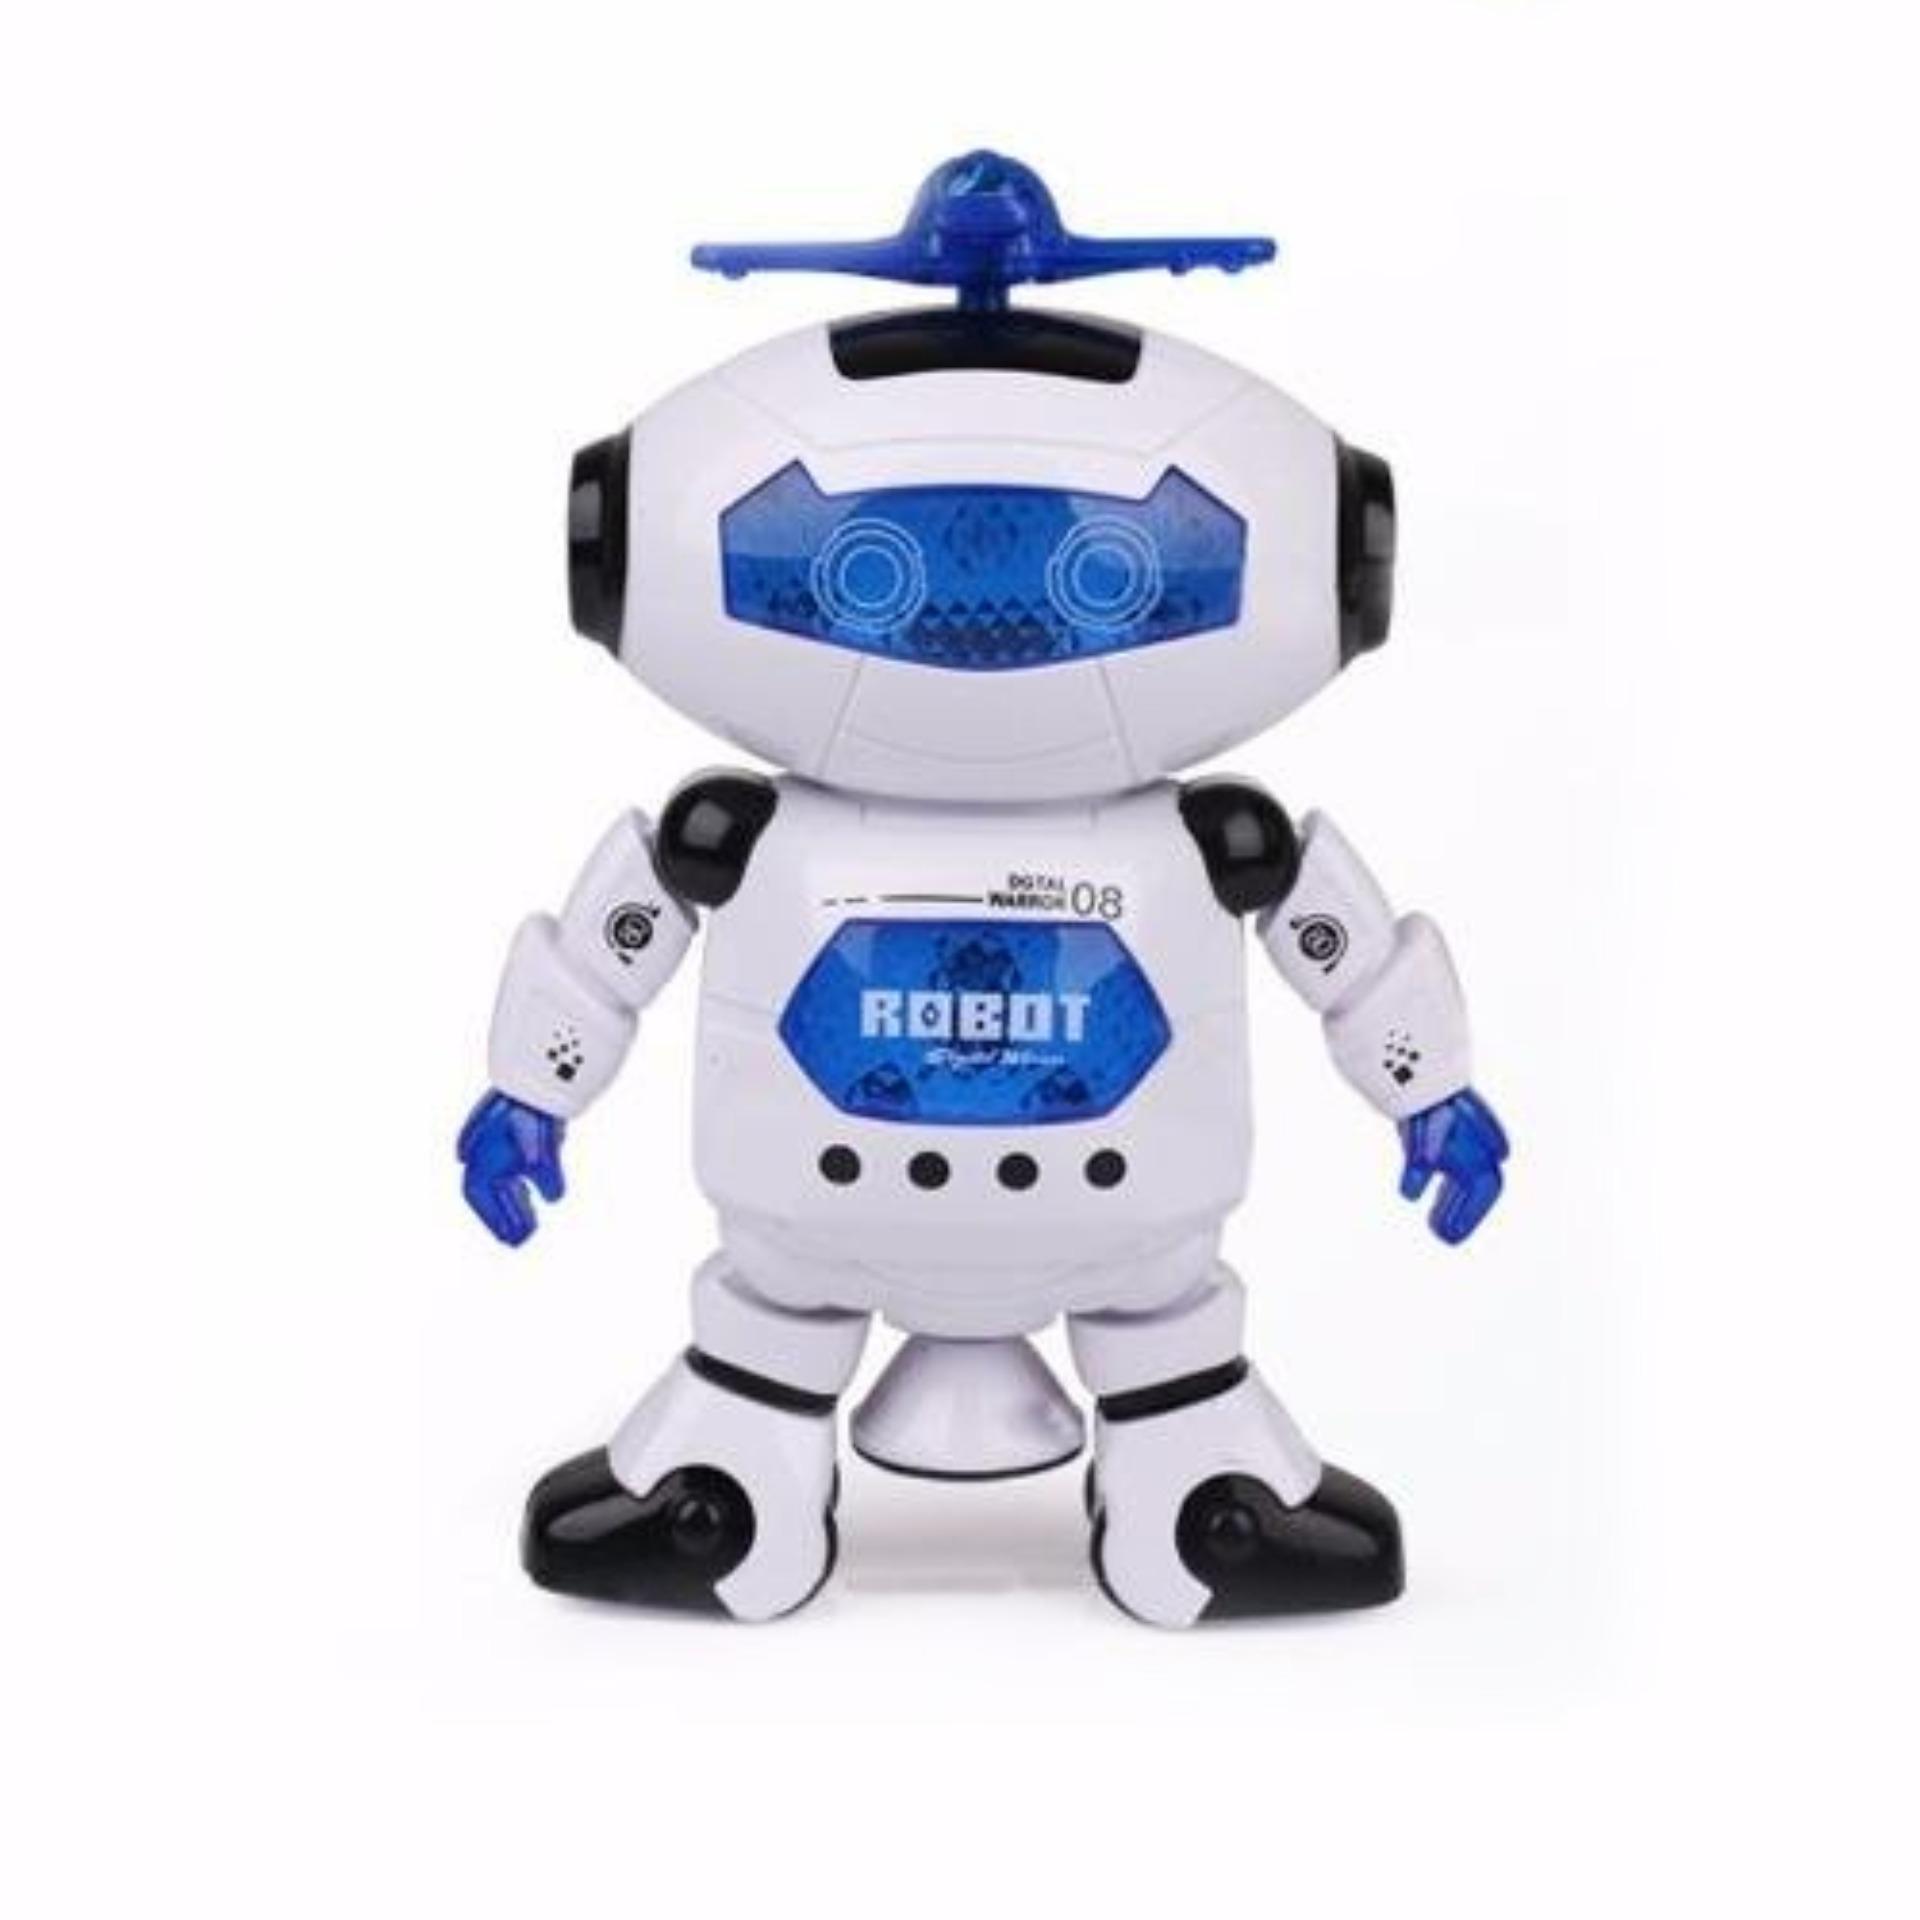 Robot Biết Nhảy Và Hát Xoay 360 Độ US04019